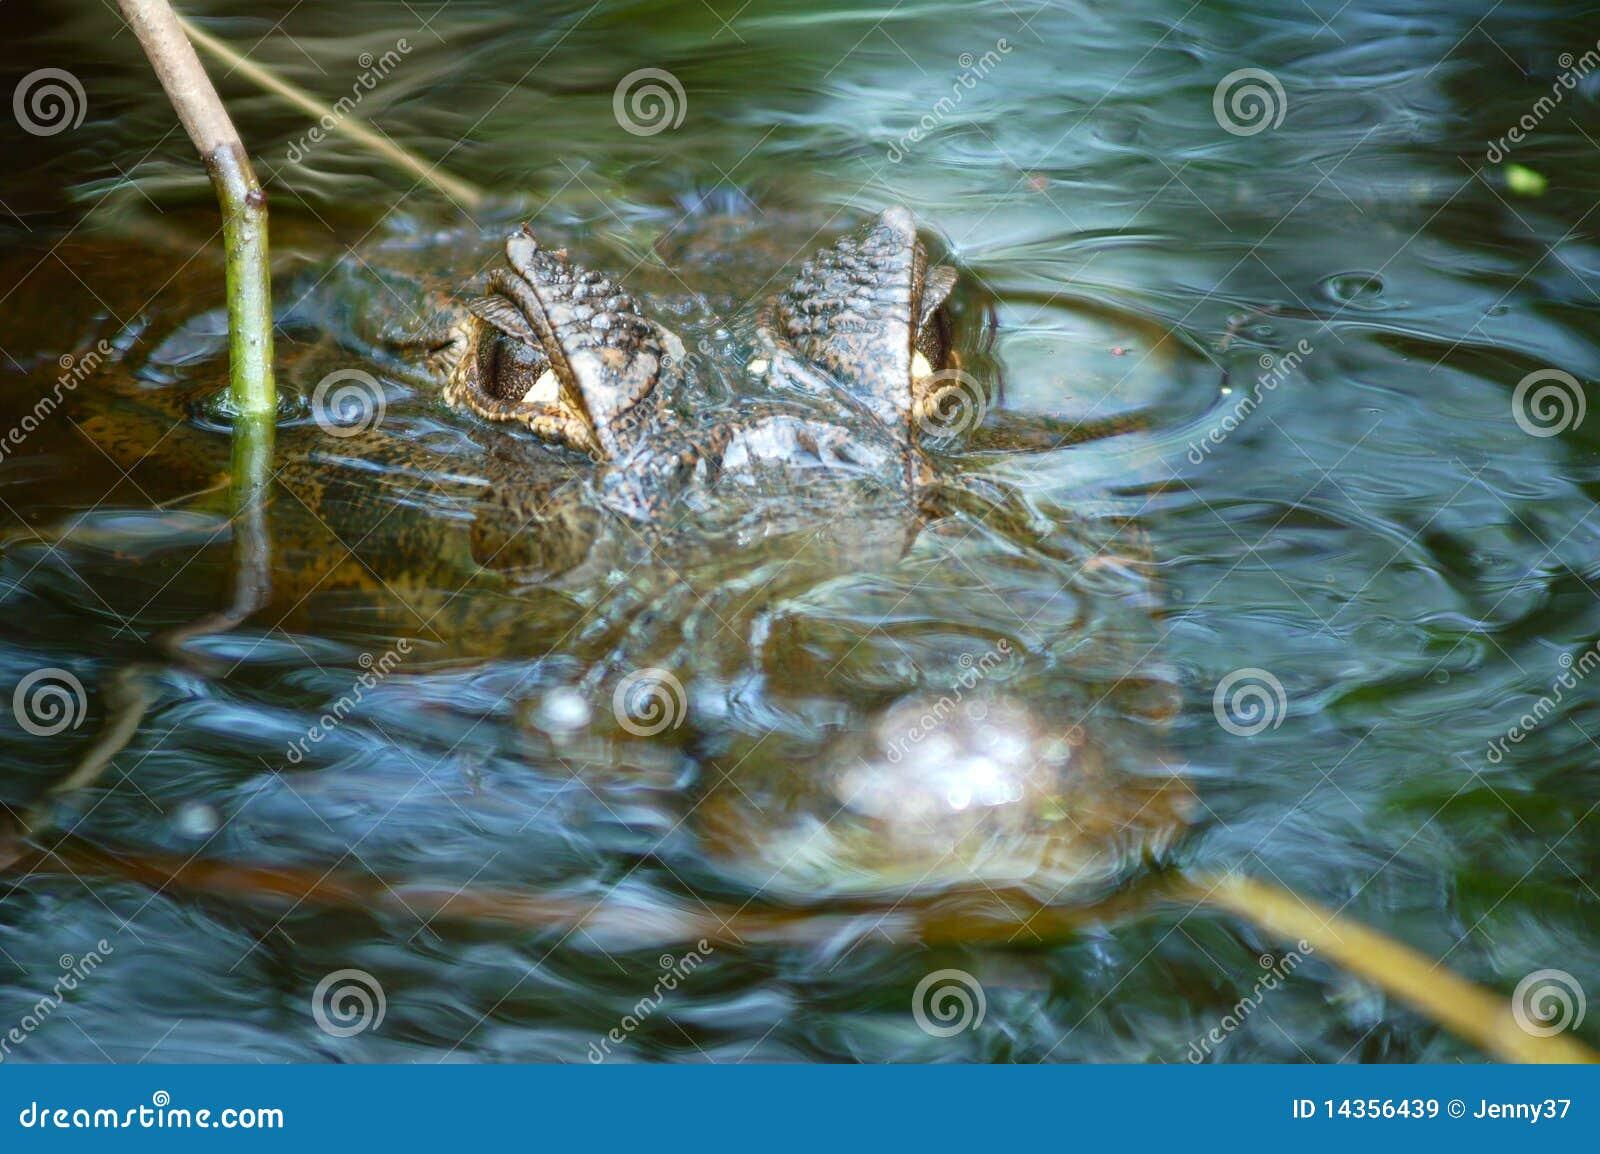 Cocodrilo que espera - río del Amazonas